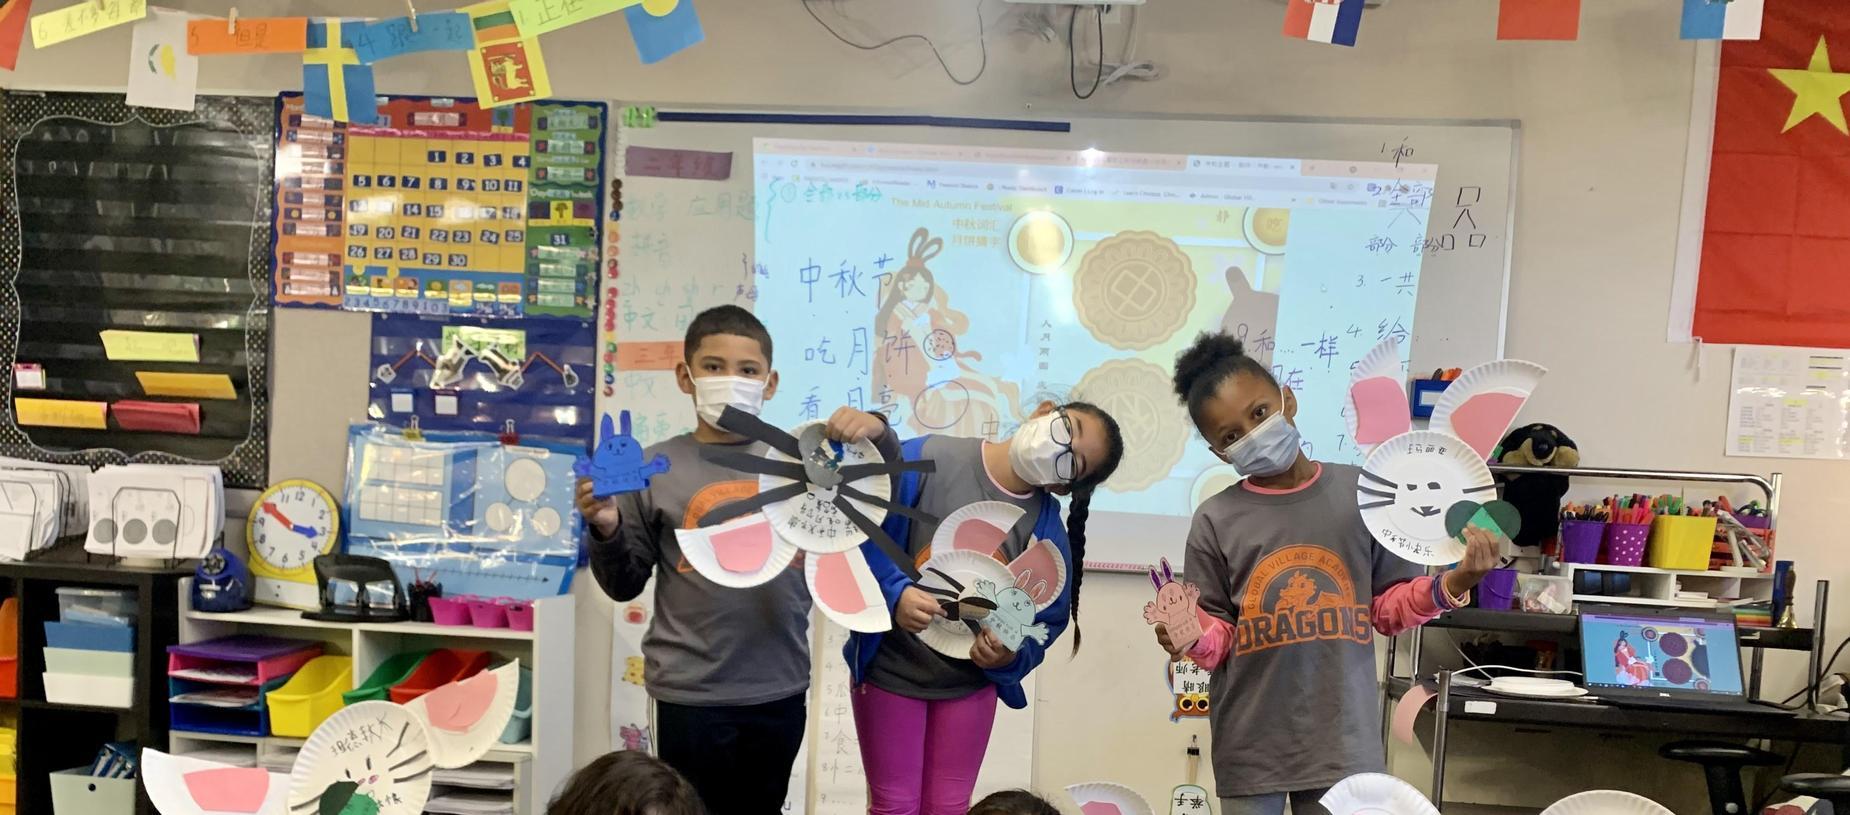 kids in costume for Mid-Autumn Festival (Moon Cake Festival)